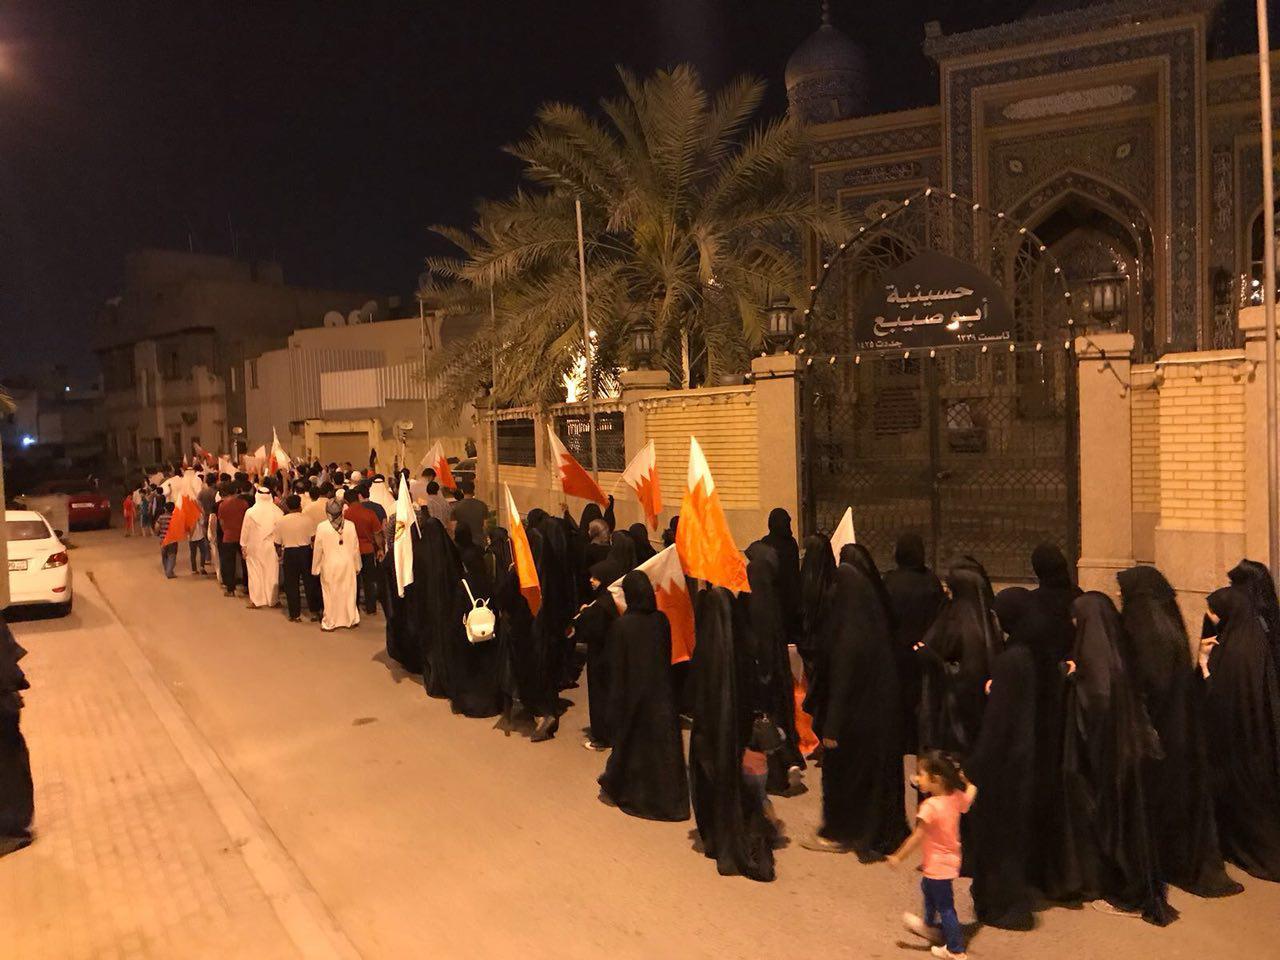 bahrain (14)